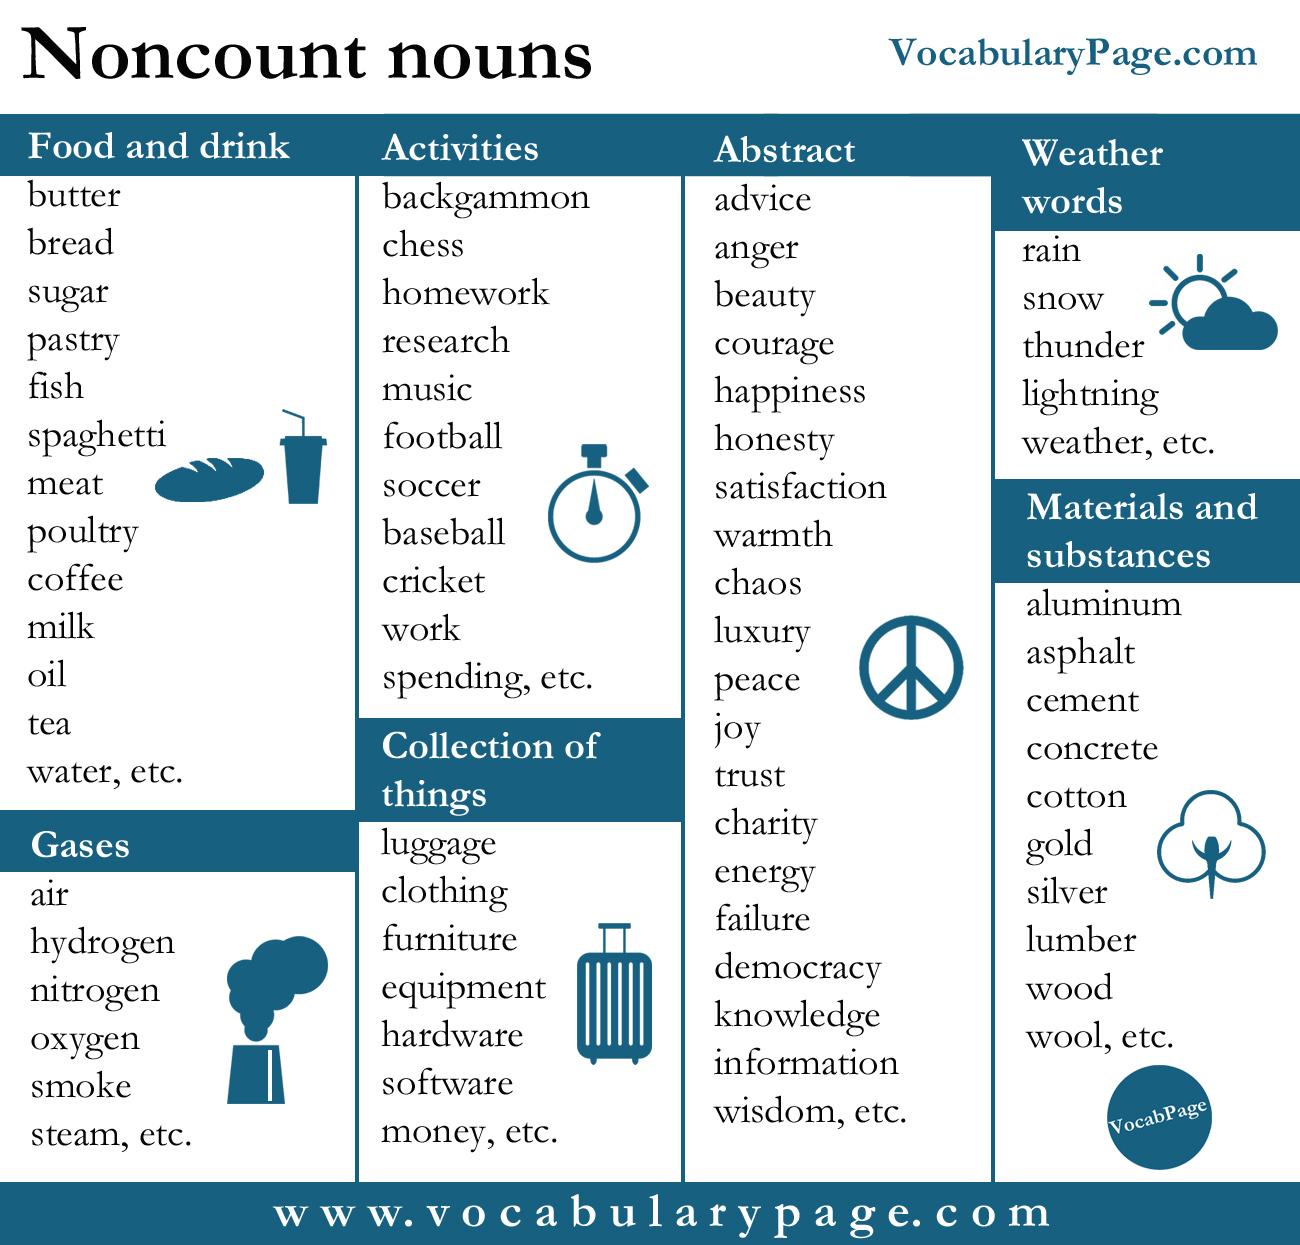 VocabularyPage: Noncount nouns